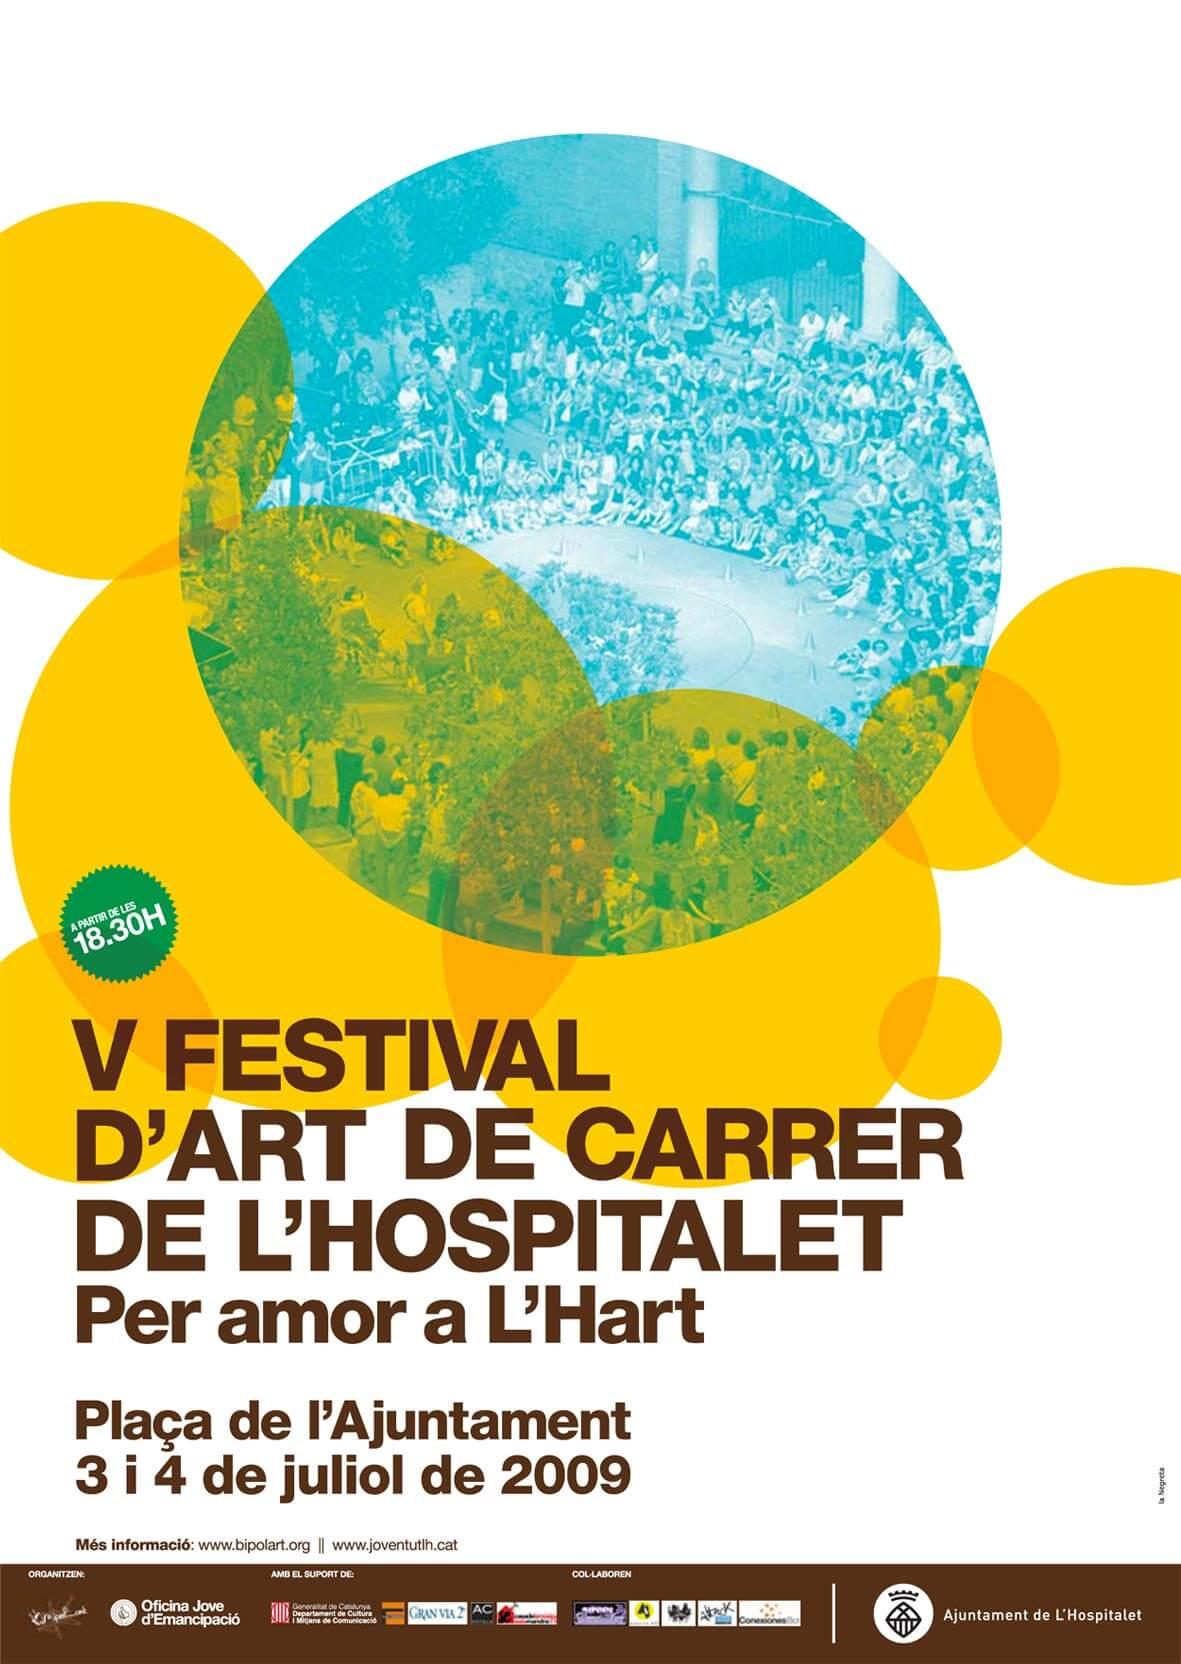 LH-ARTDECARRER-CARTEL-1.jpg